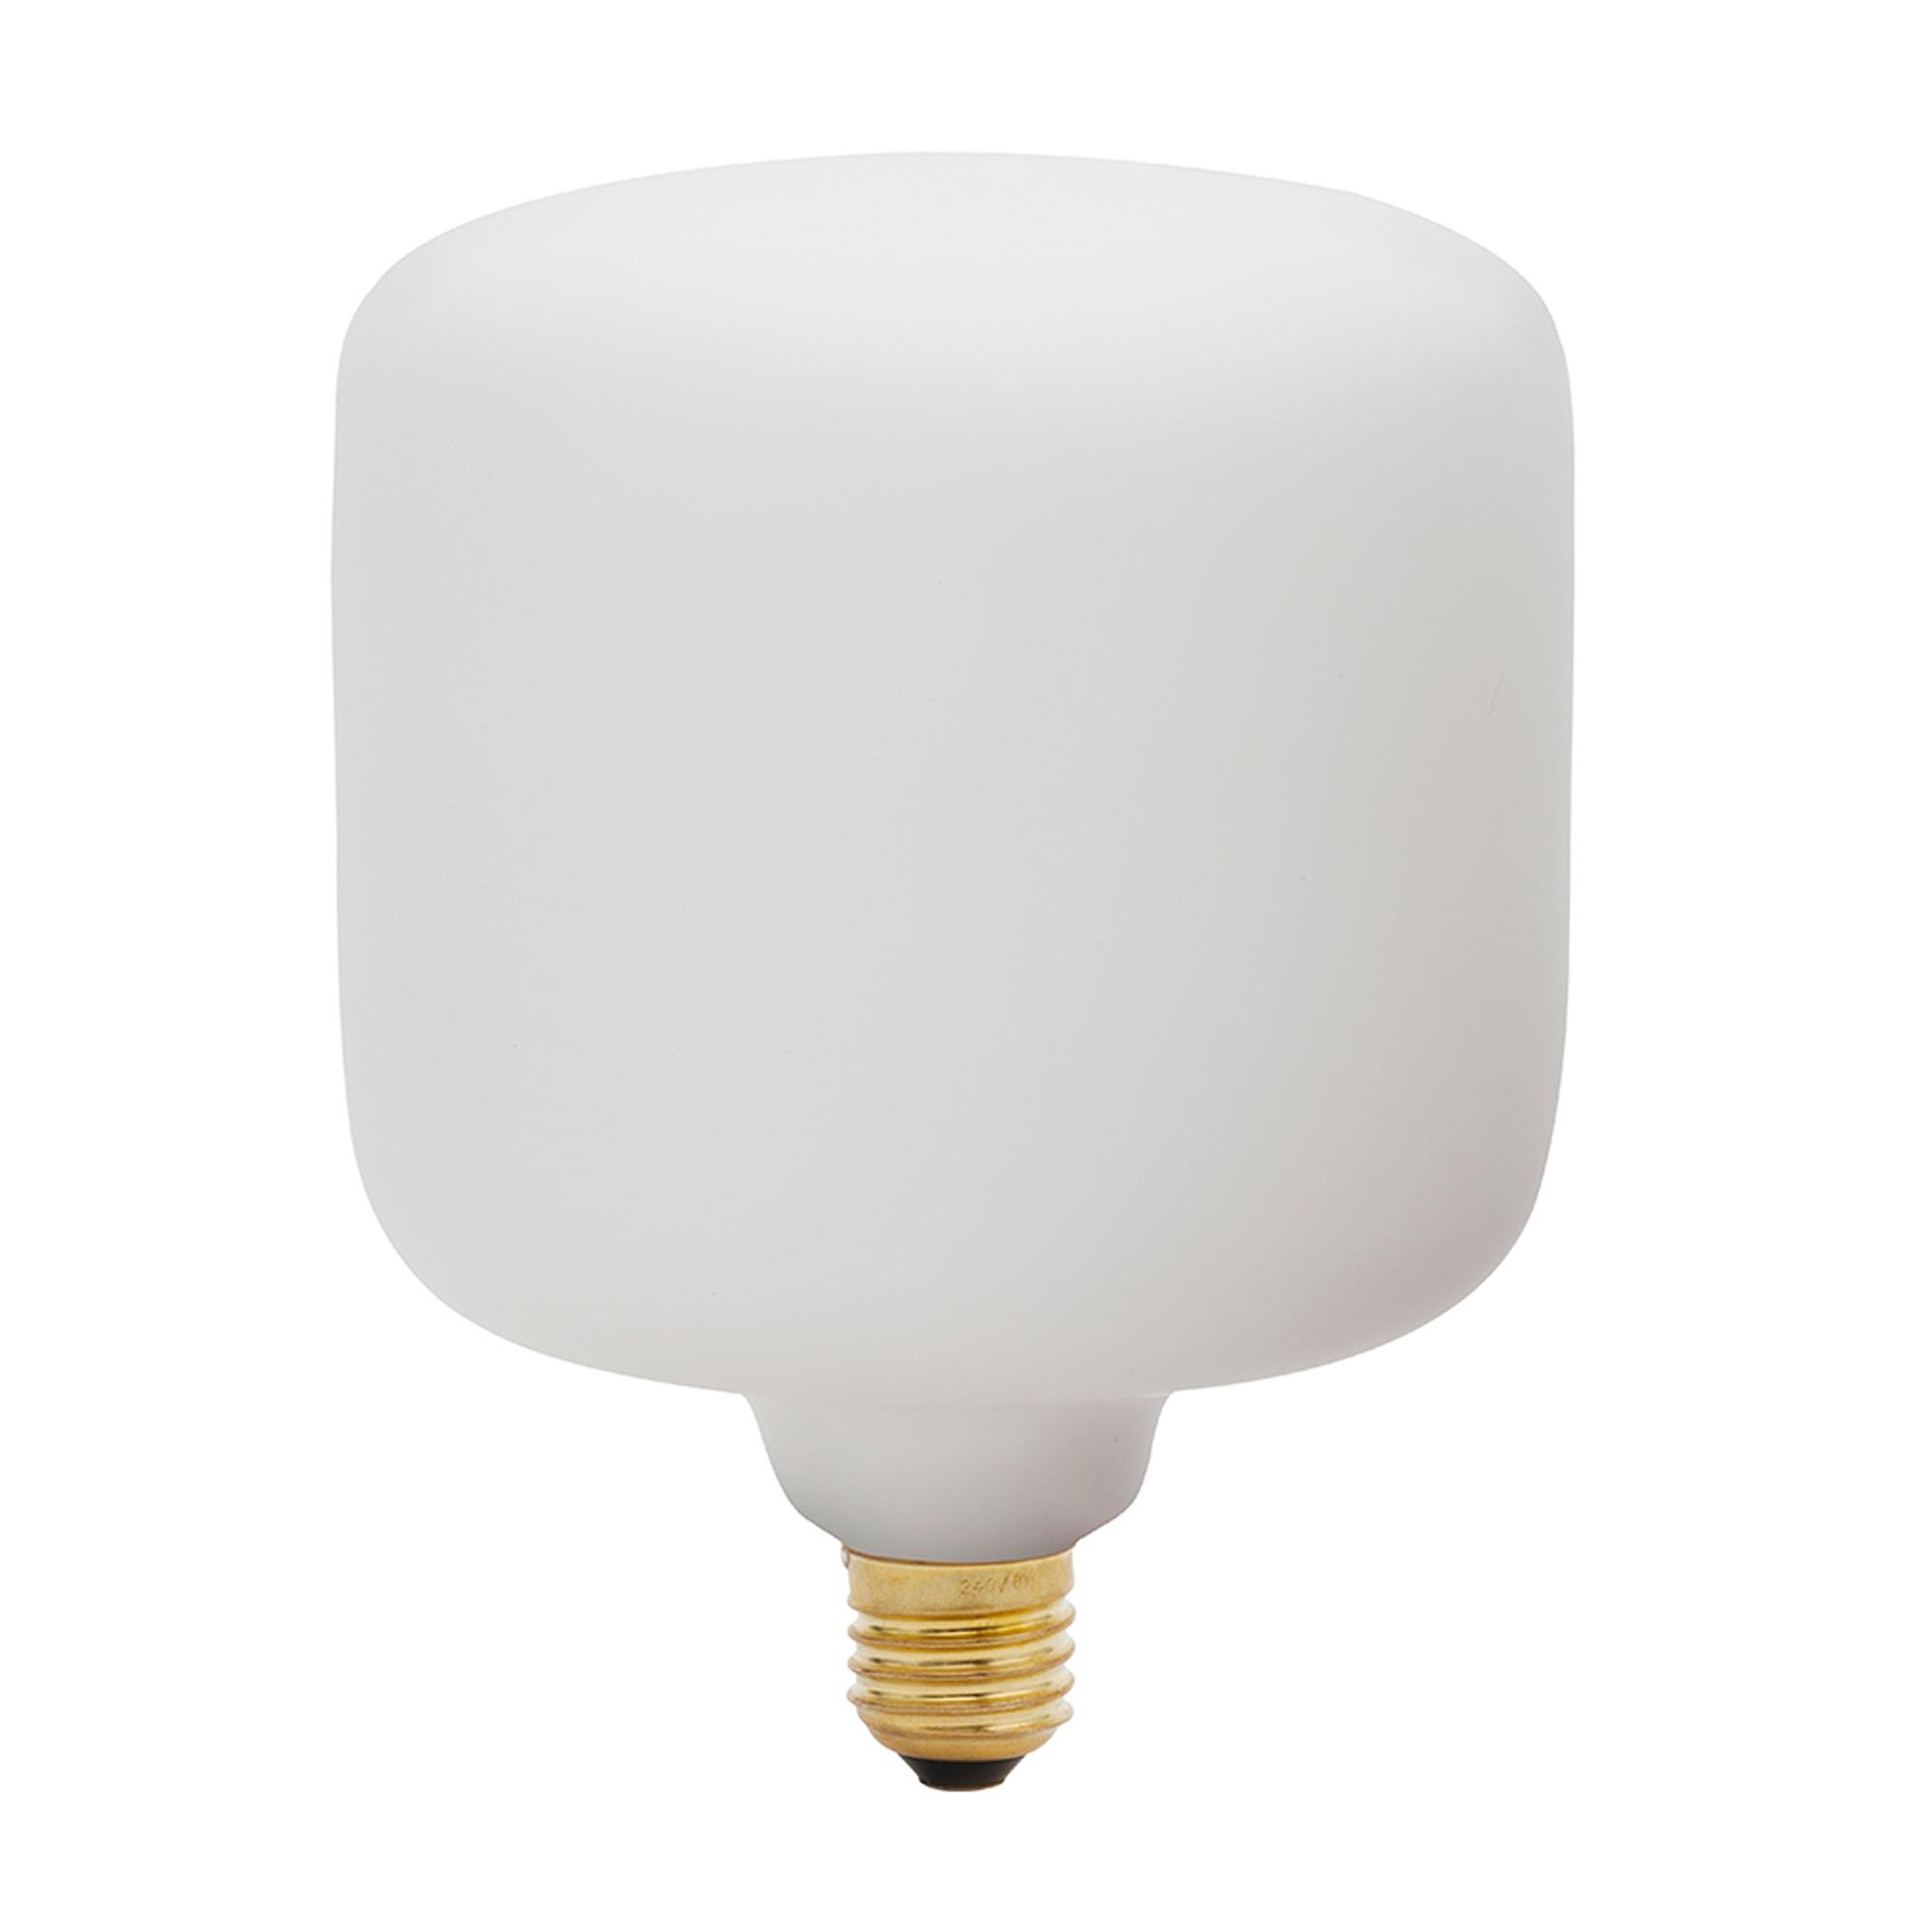 Oblo LED-Leuchtmittel E27 6W, Ø 12,5 cm von Tala in weiß matt